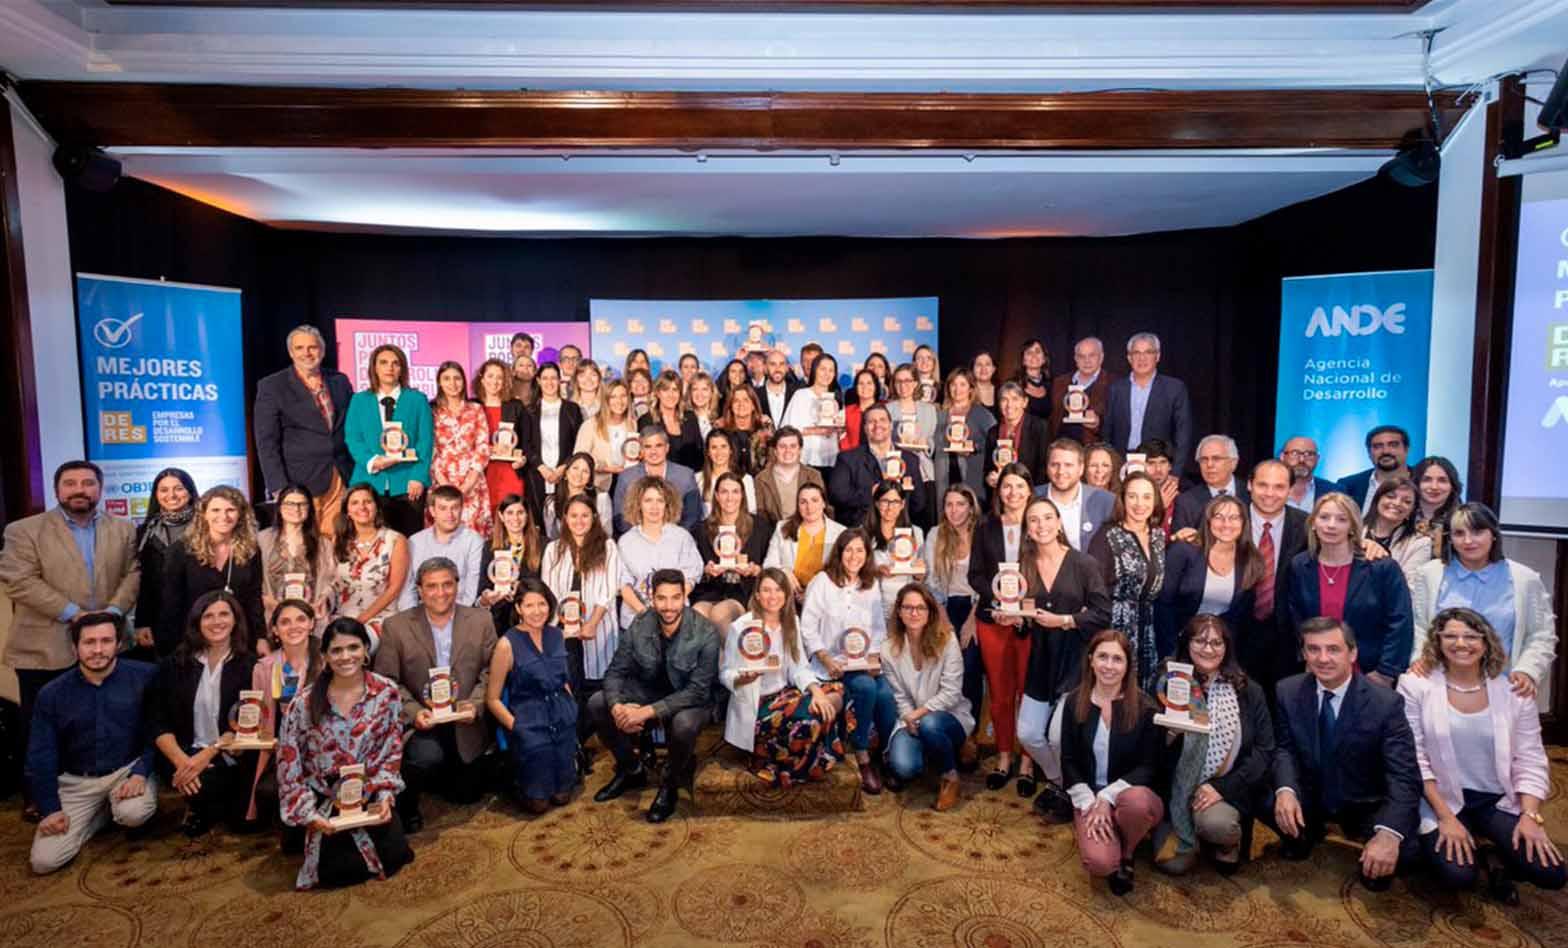 Actualización: Reconocimiento DERES ODS 2020 y Distintivo DERES!